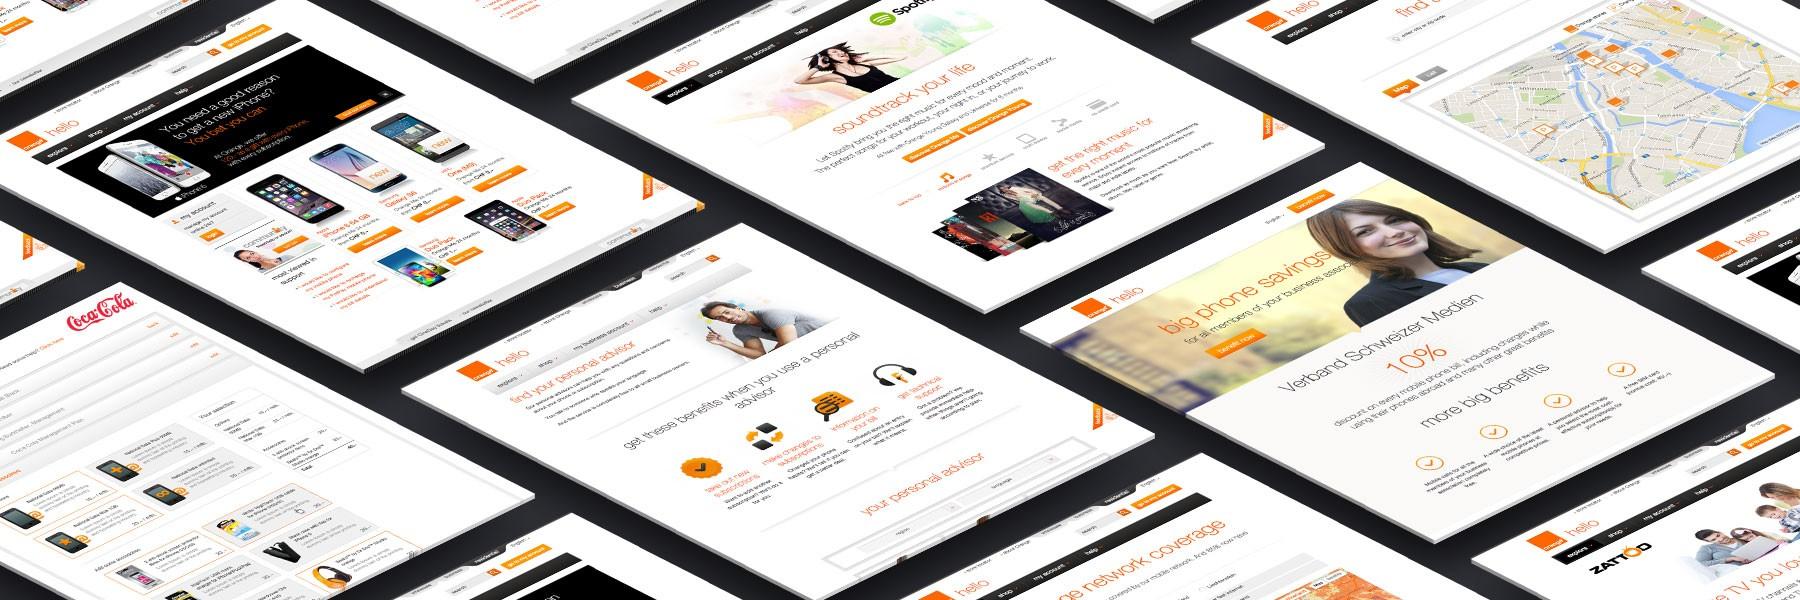 Orange Communication Switzerland website screens by Divio